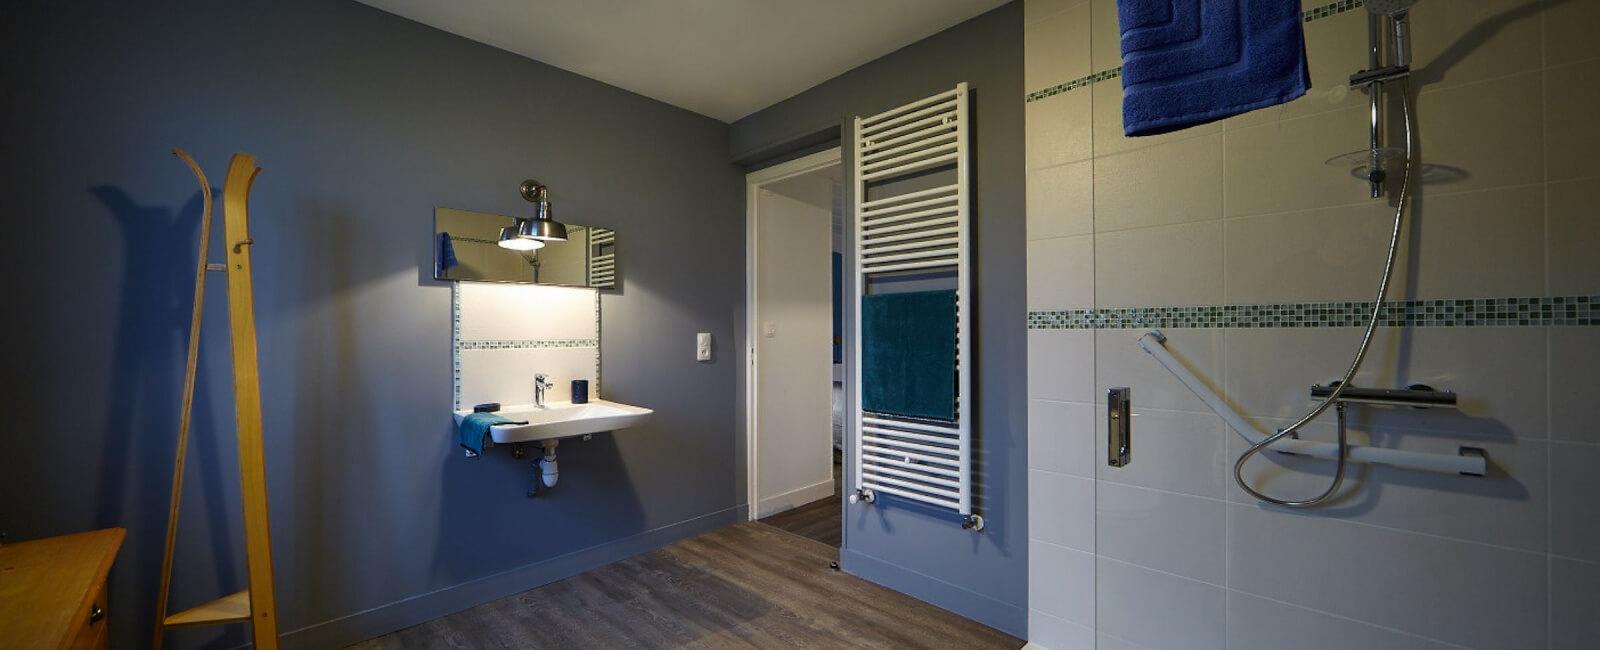 Salle de bain PMR 1